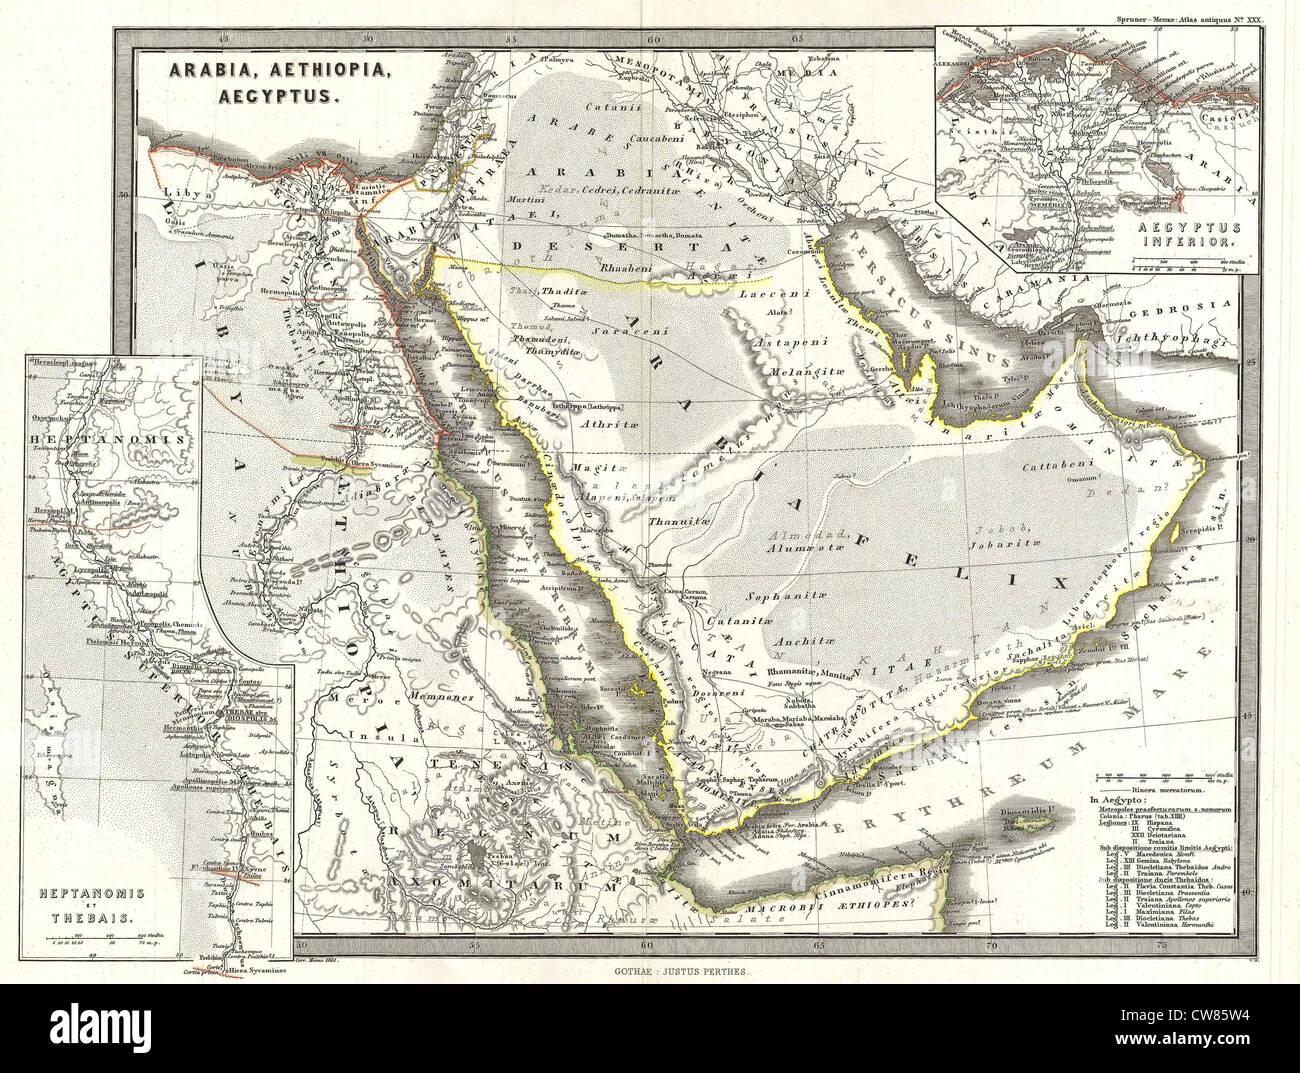 Spruner 1865 Carte de l'Arabie et l'Égypte dans l'Antiquité Photo Stock